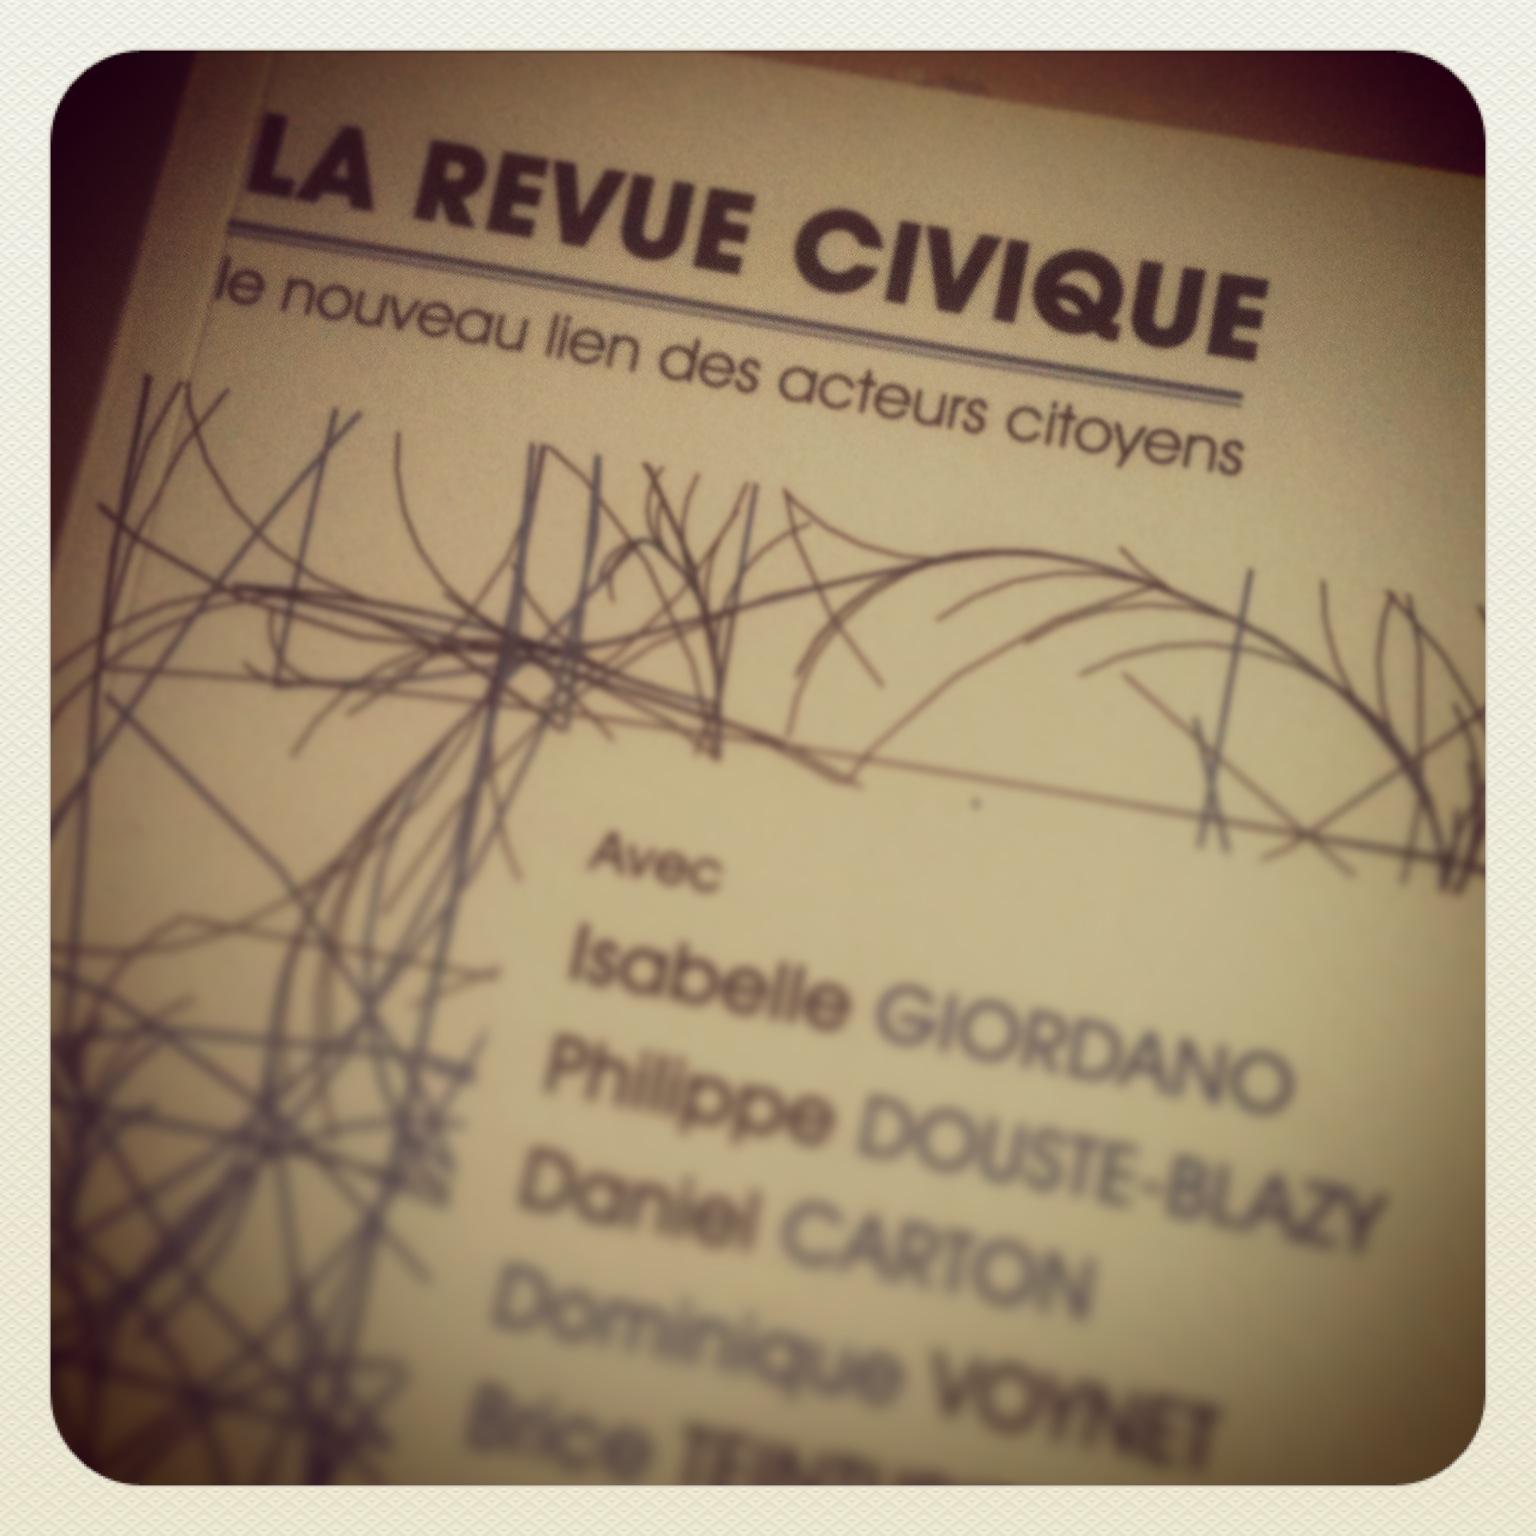 Les Néo-Citoyens dans La Revue Civique #11